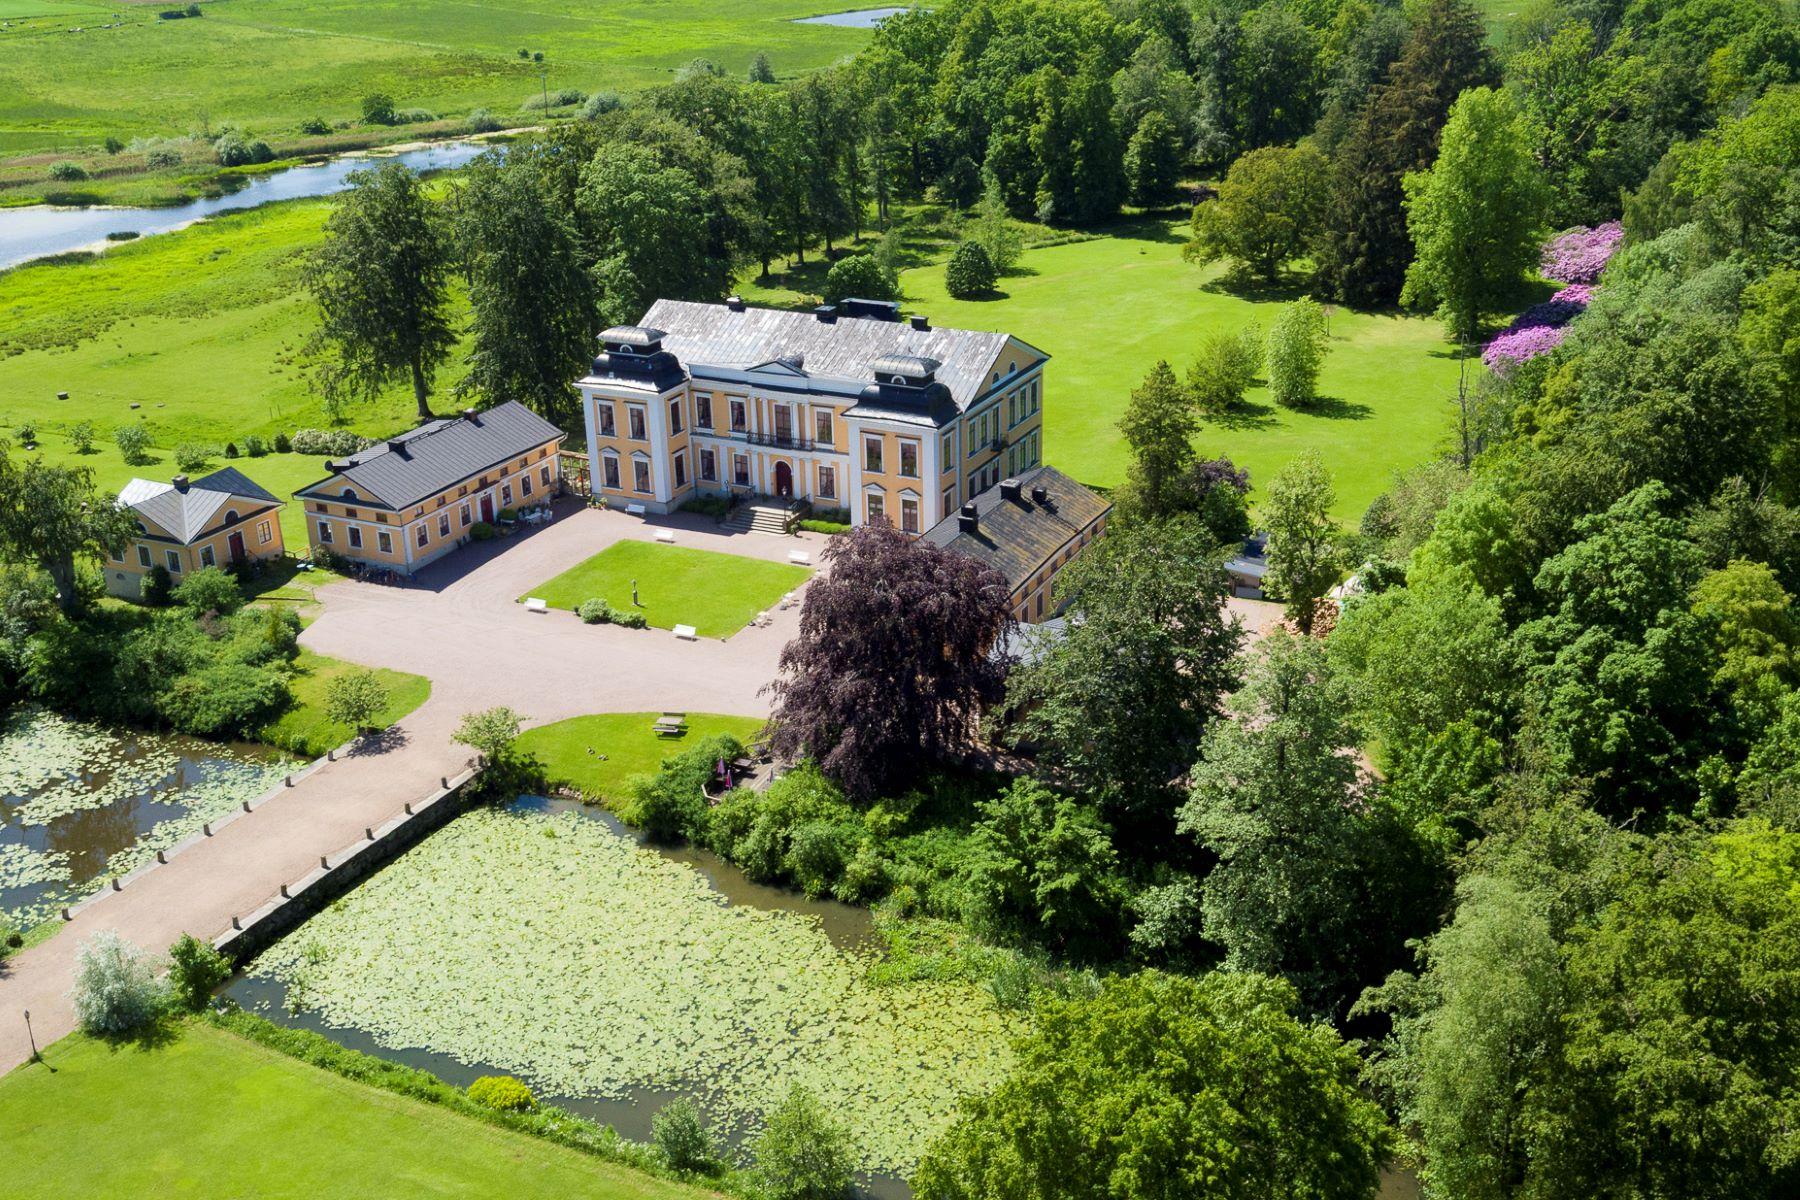 Maison unifamiliale pour l Vente à Skottorp Palace Skottorps Slott Autres Sweden, Autres Régions De Sweden, 31296 Suède